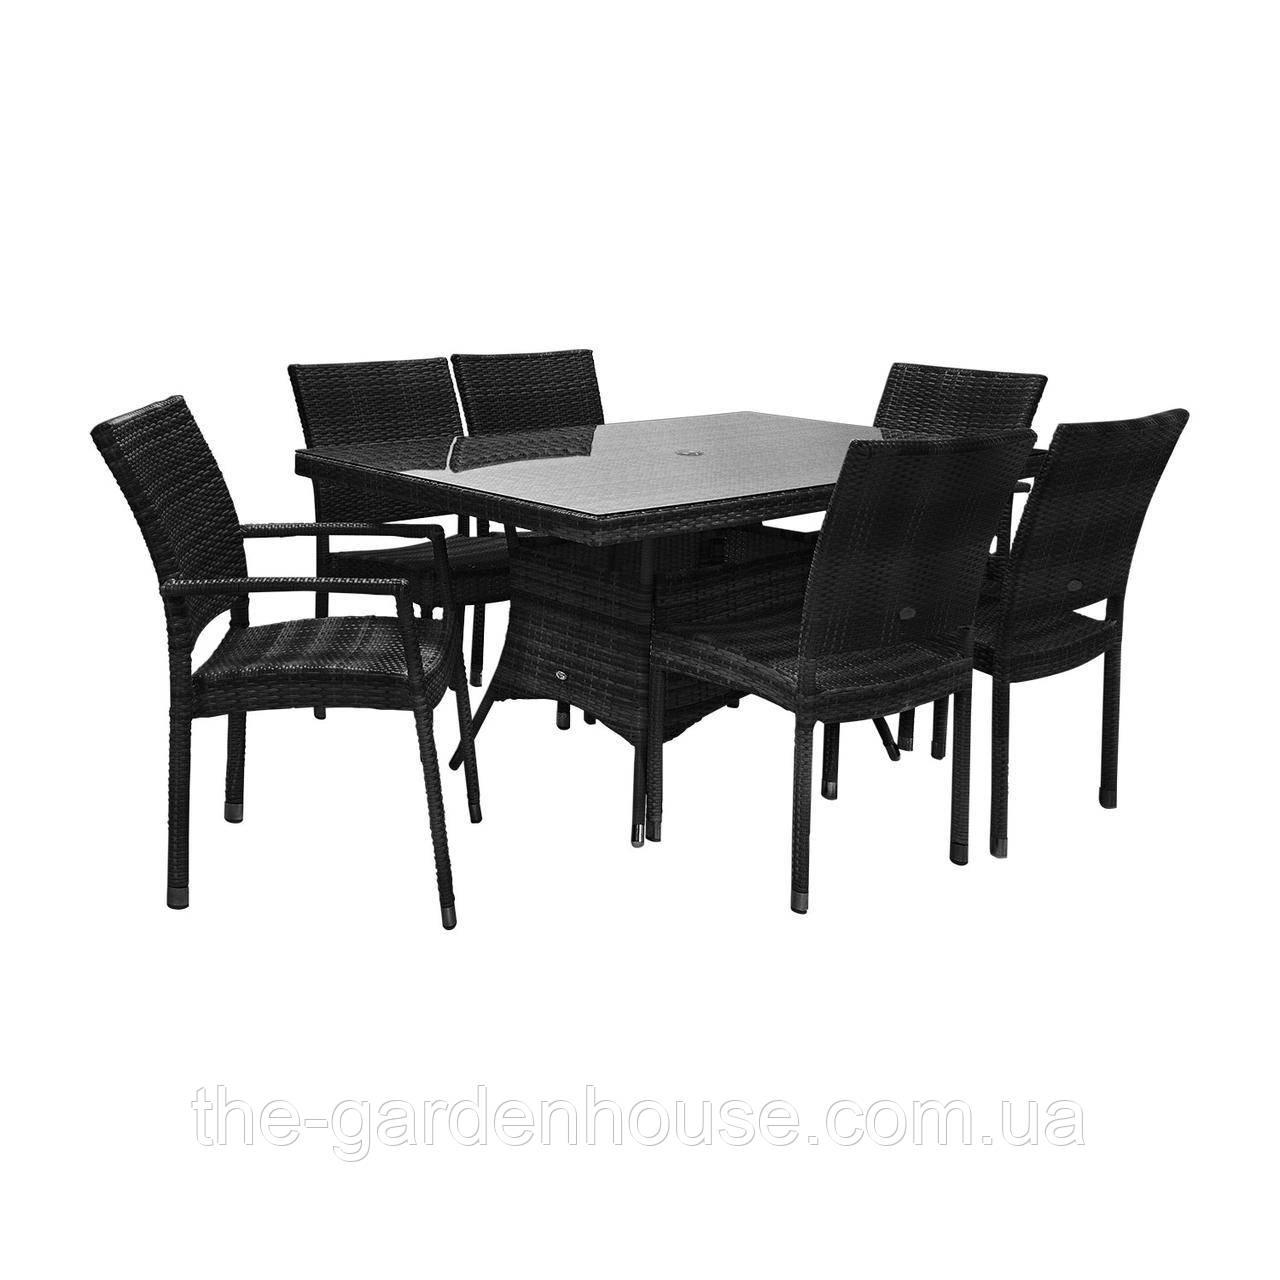 Столовый комплект садовой мебели из искусственного ротанга Викер: стол 150 см и 6 стульев черный